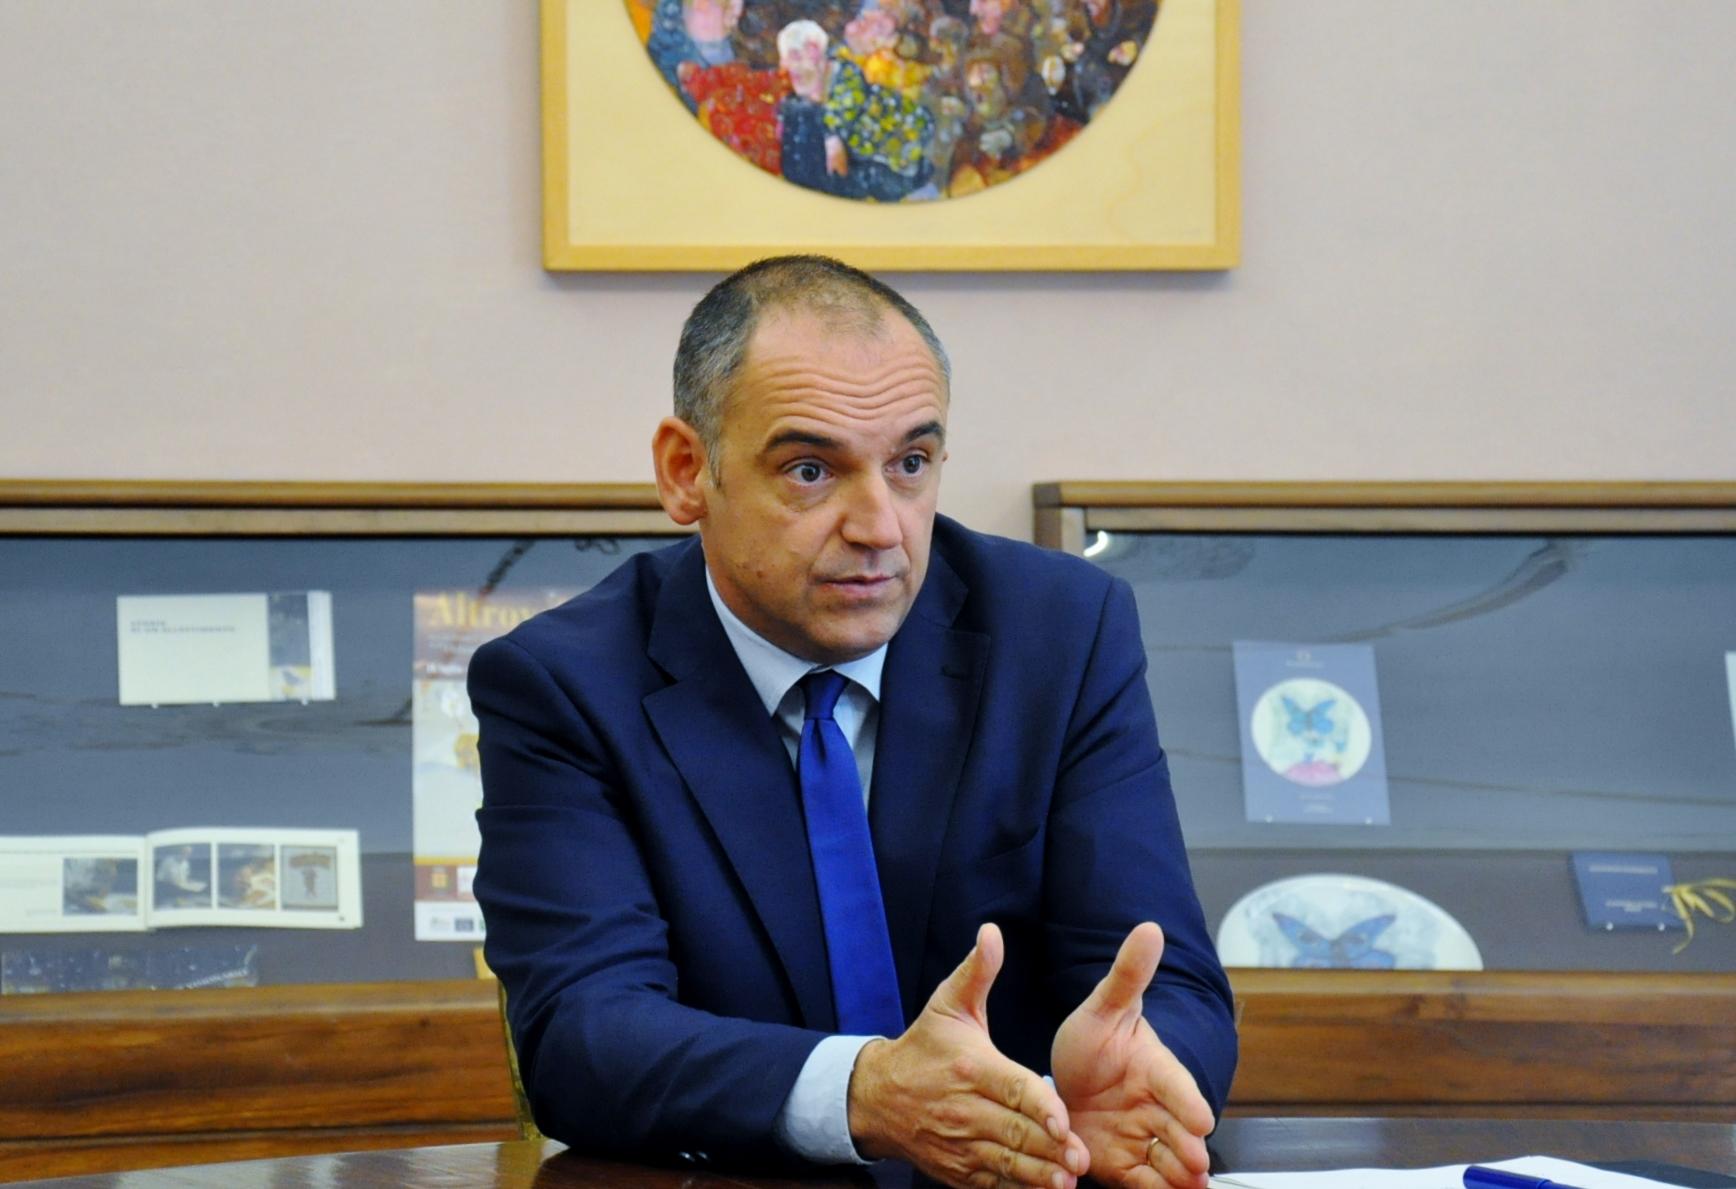 Approvato il bilancio 2017 della Provincia di Lucca. Oltre 6 milioni per strade e scuole